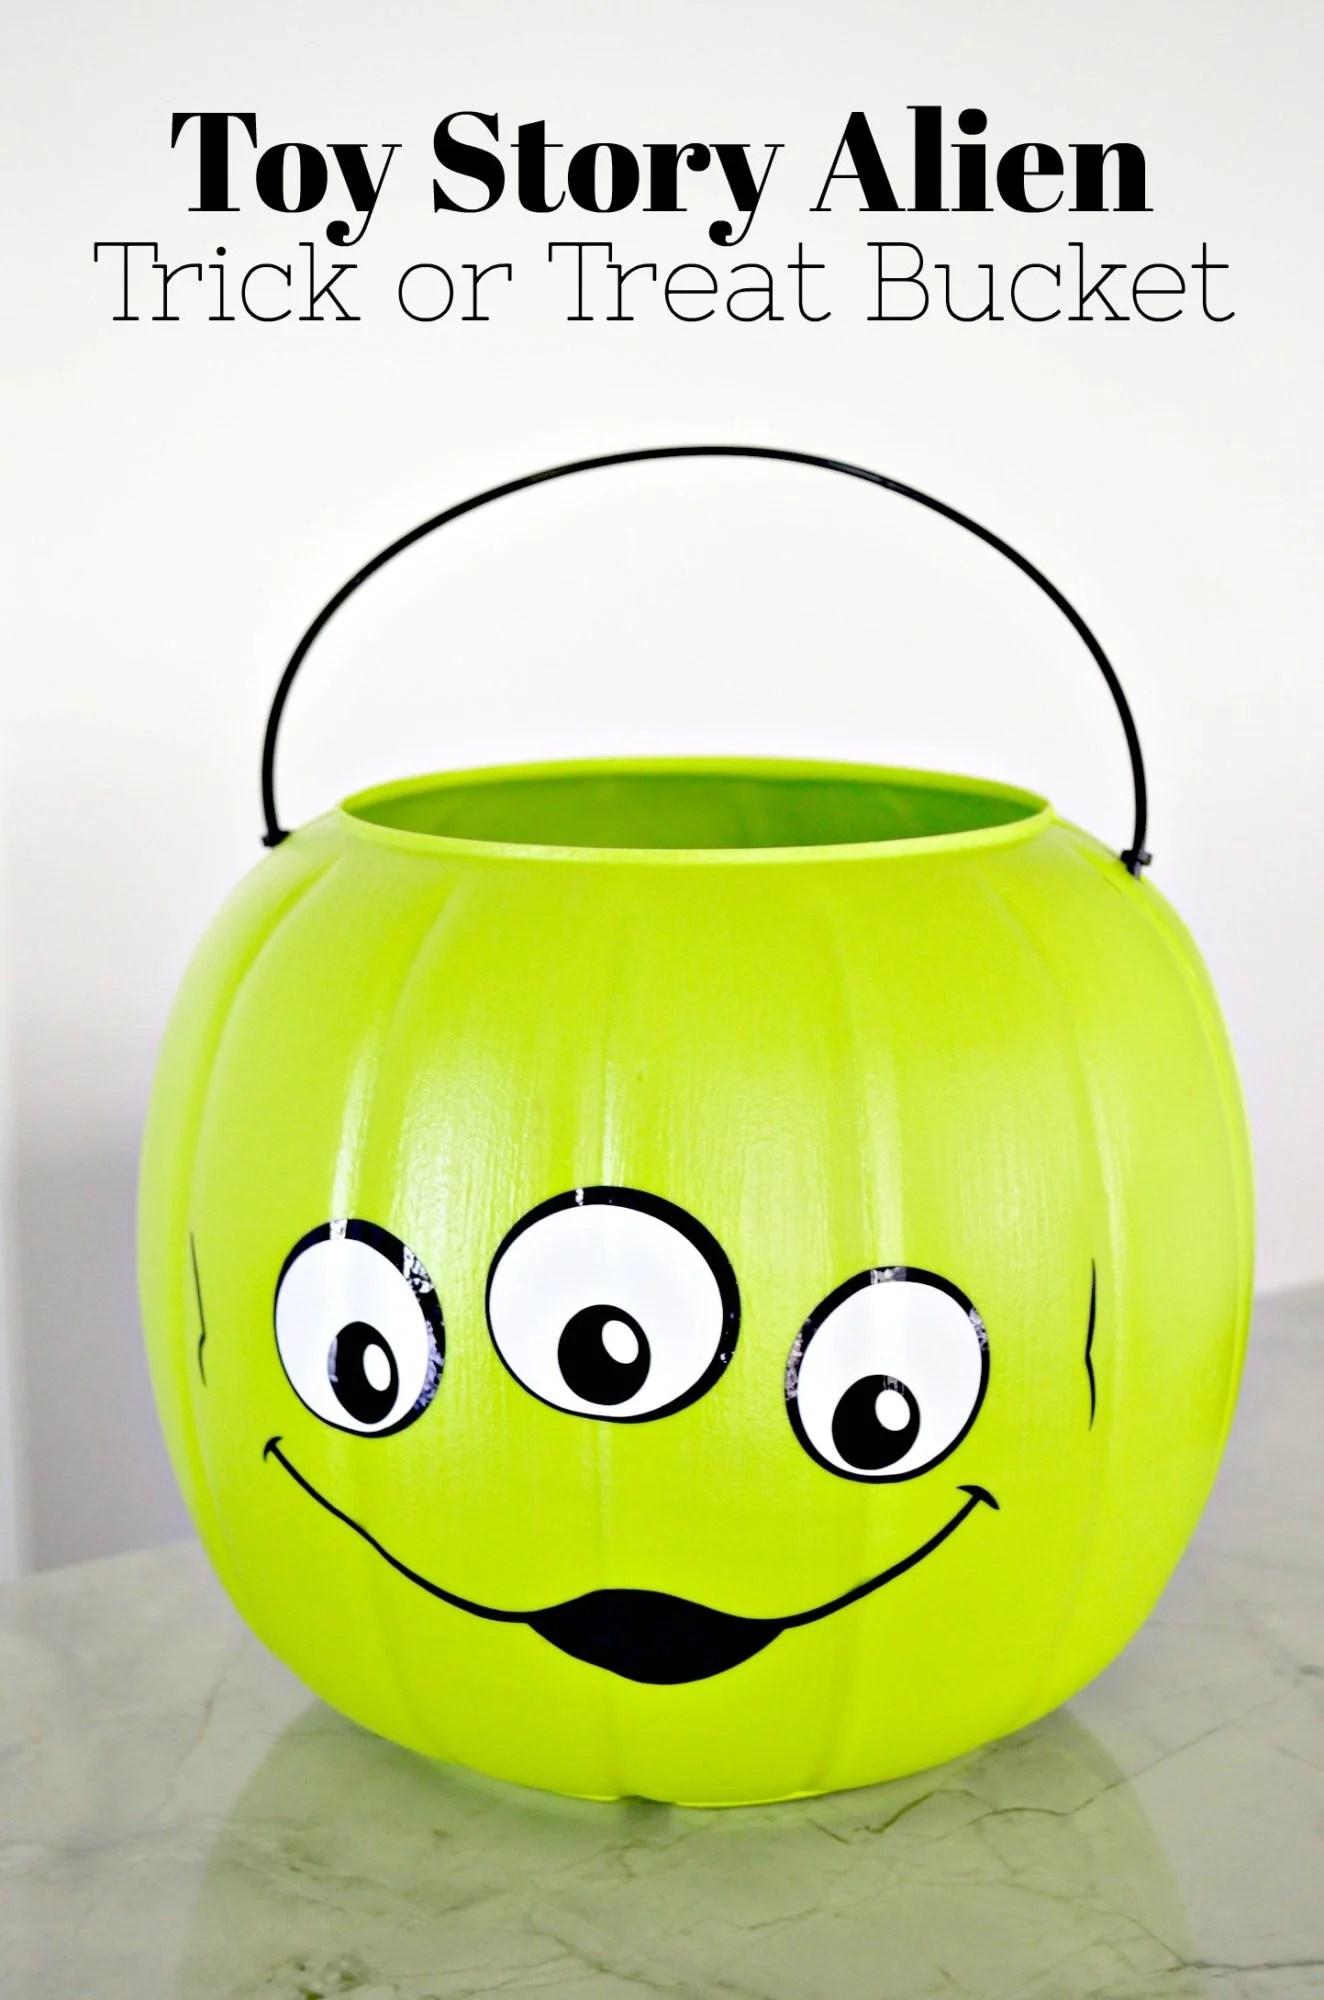 Toy Story Alien Trick or Treat Bucket